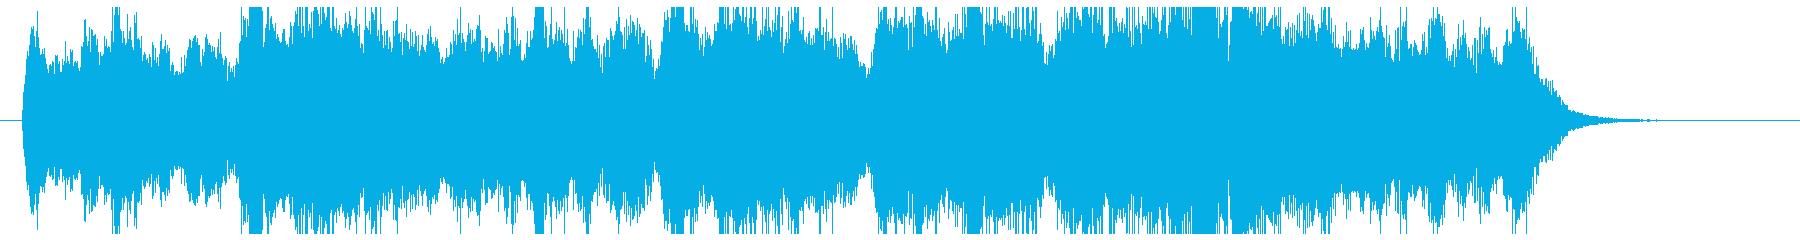 RPGなオーケストラサウンドの再生済みの波形